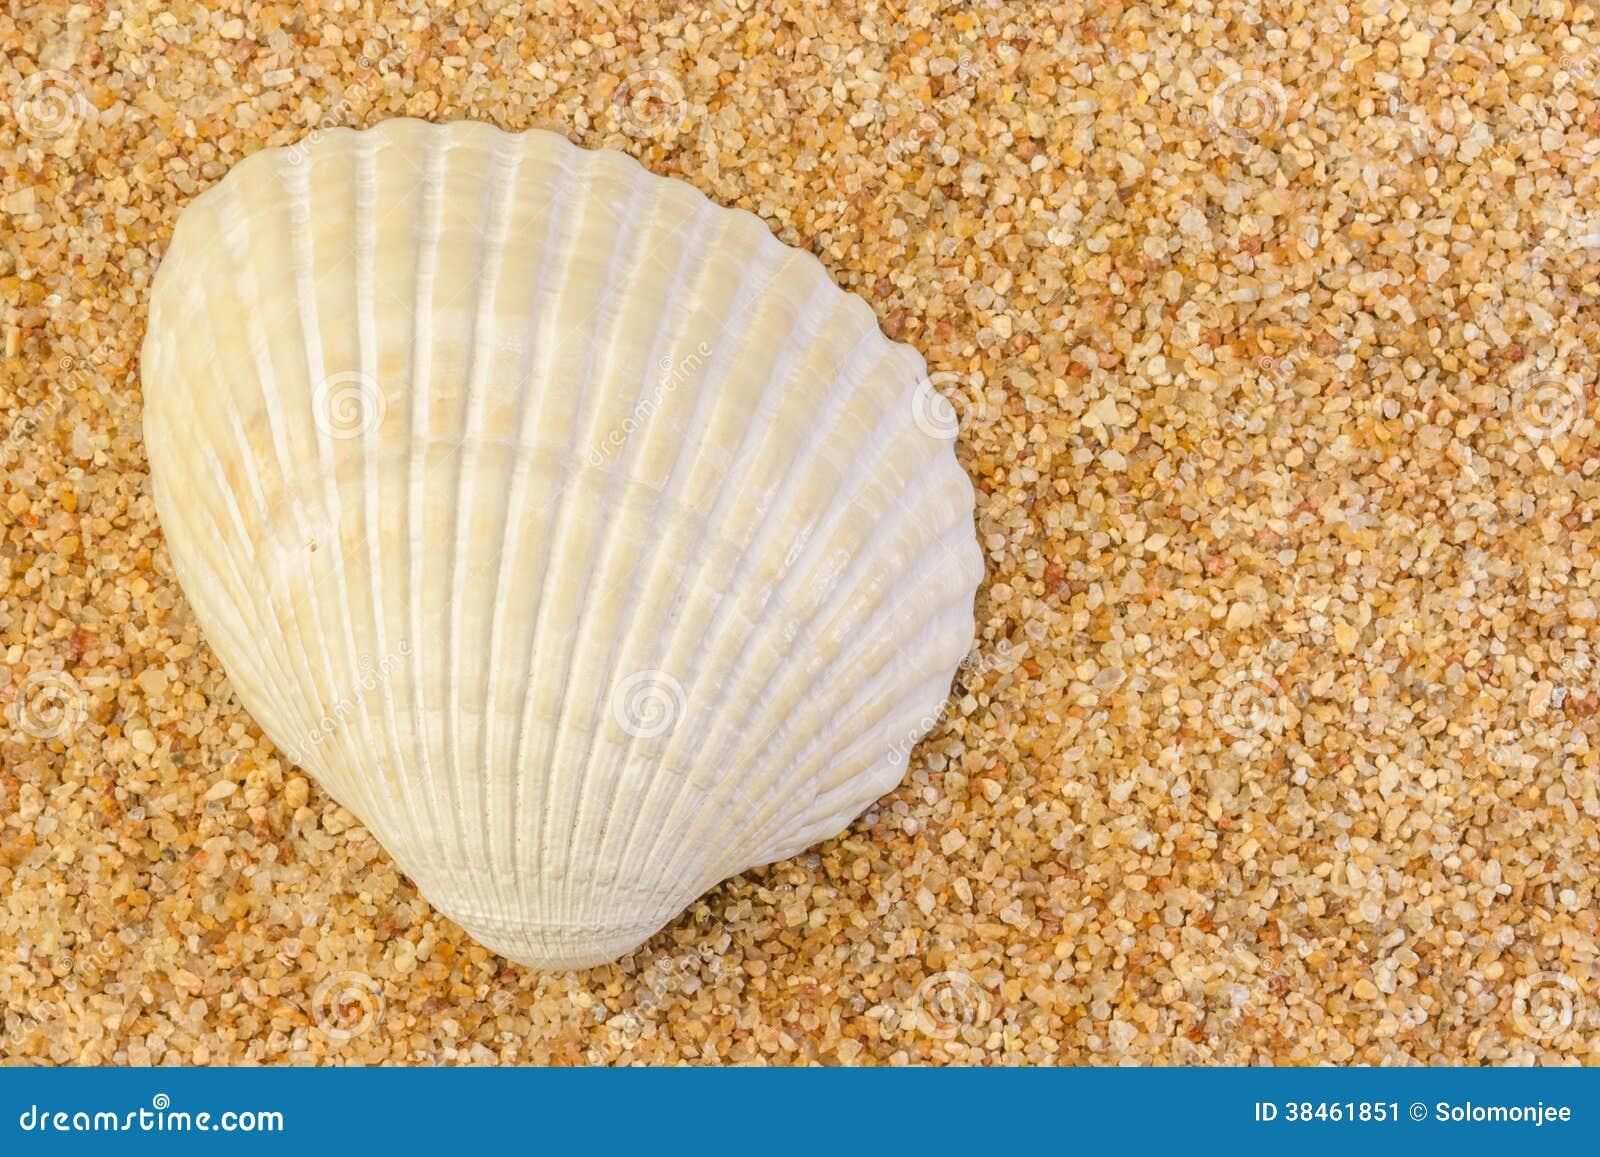 Coque Shell sur le sable brut